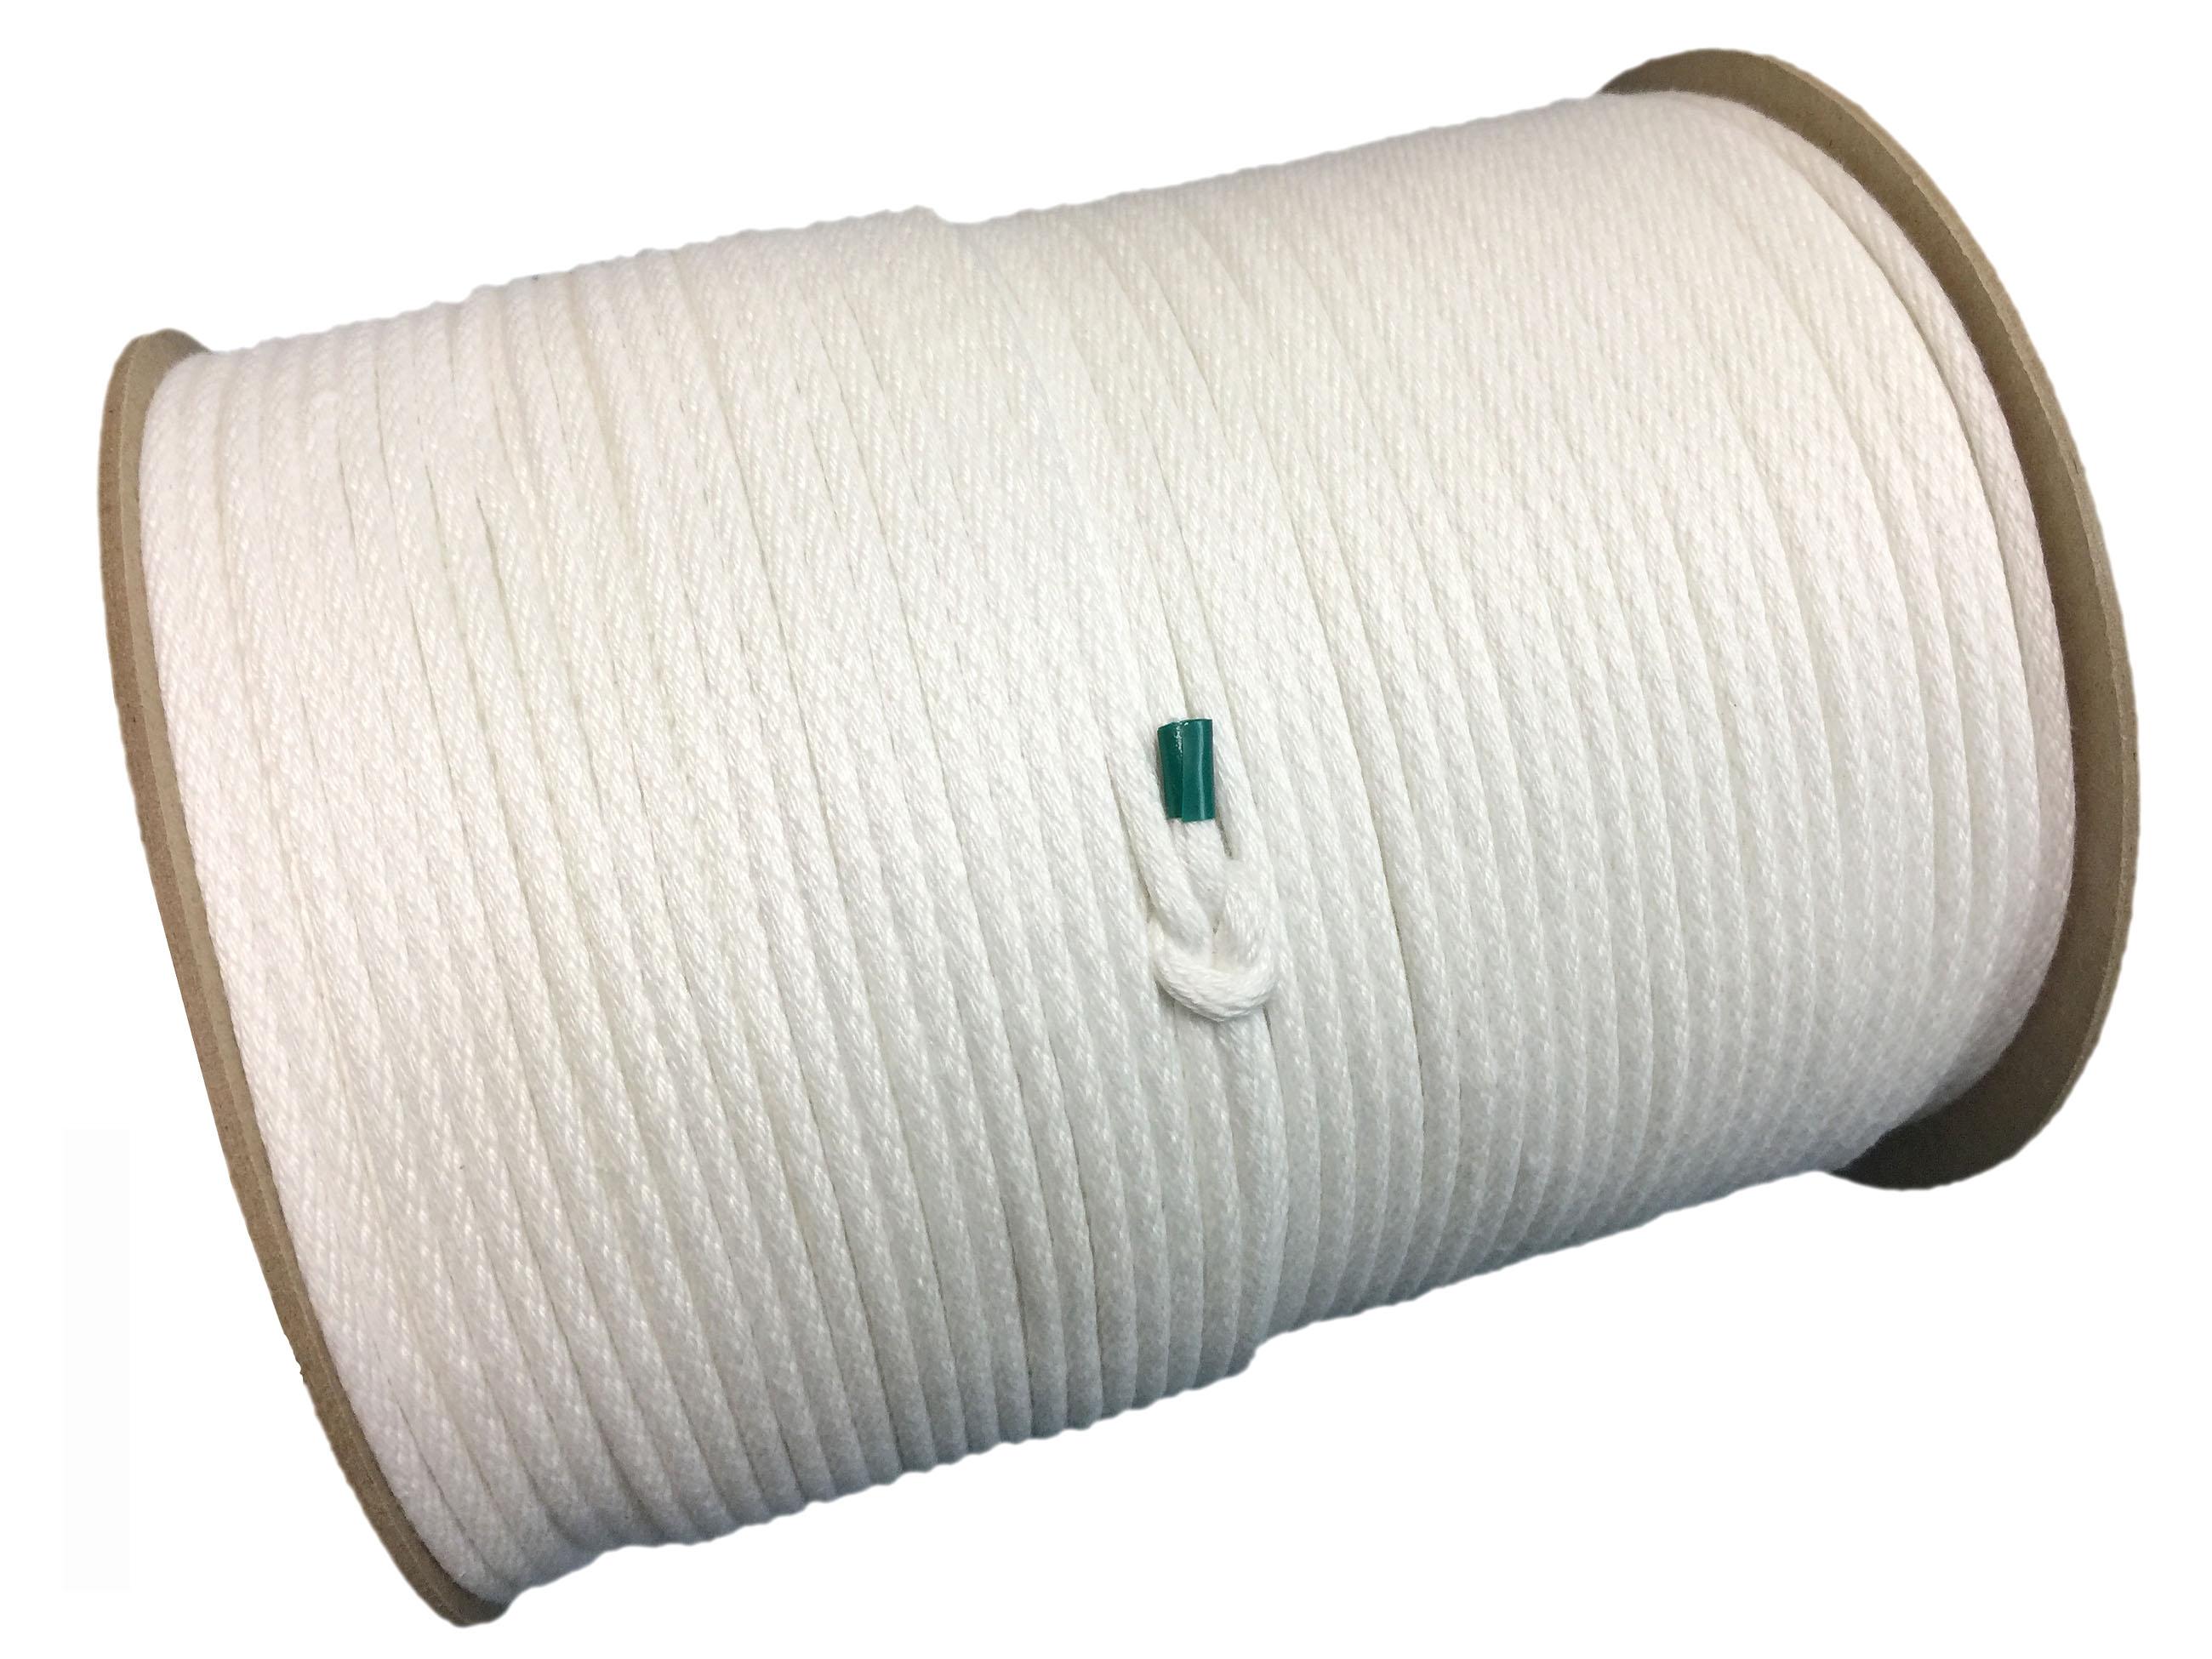 <b>ポリエステル </b><b><b><b>短繊維 </b></b>組み紐<br>径:4mm 300M巻き</b>